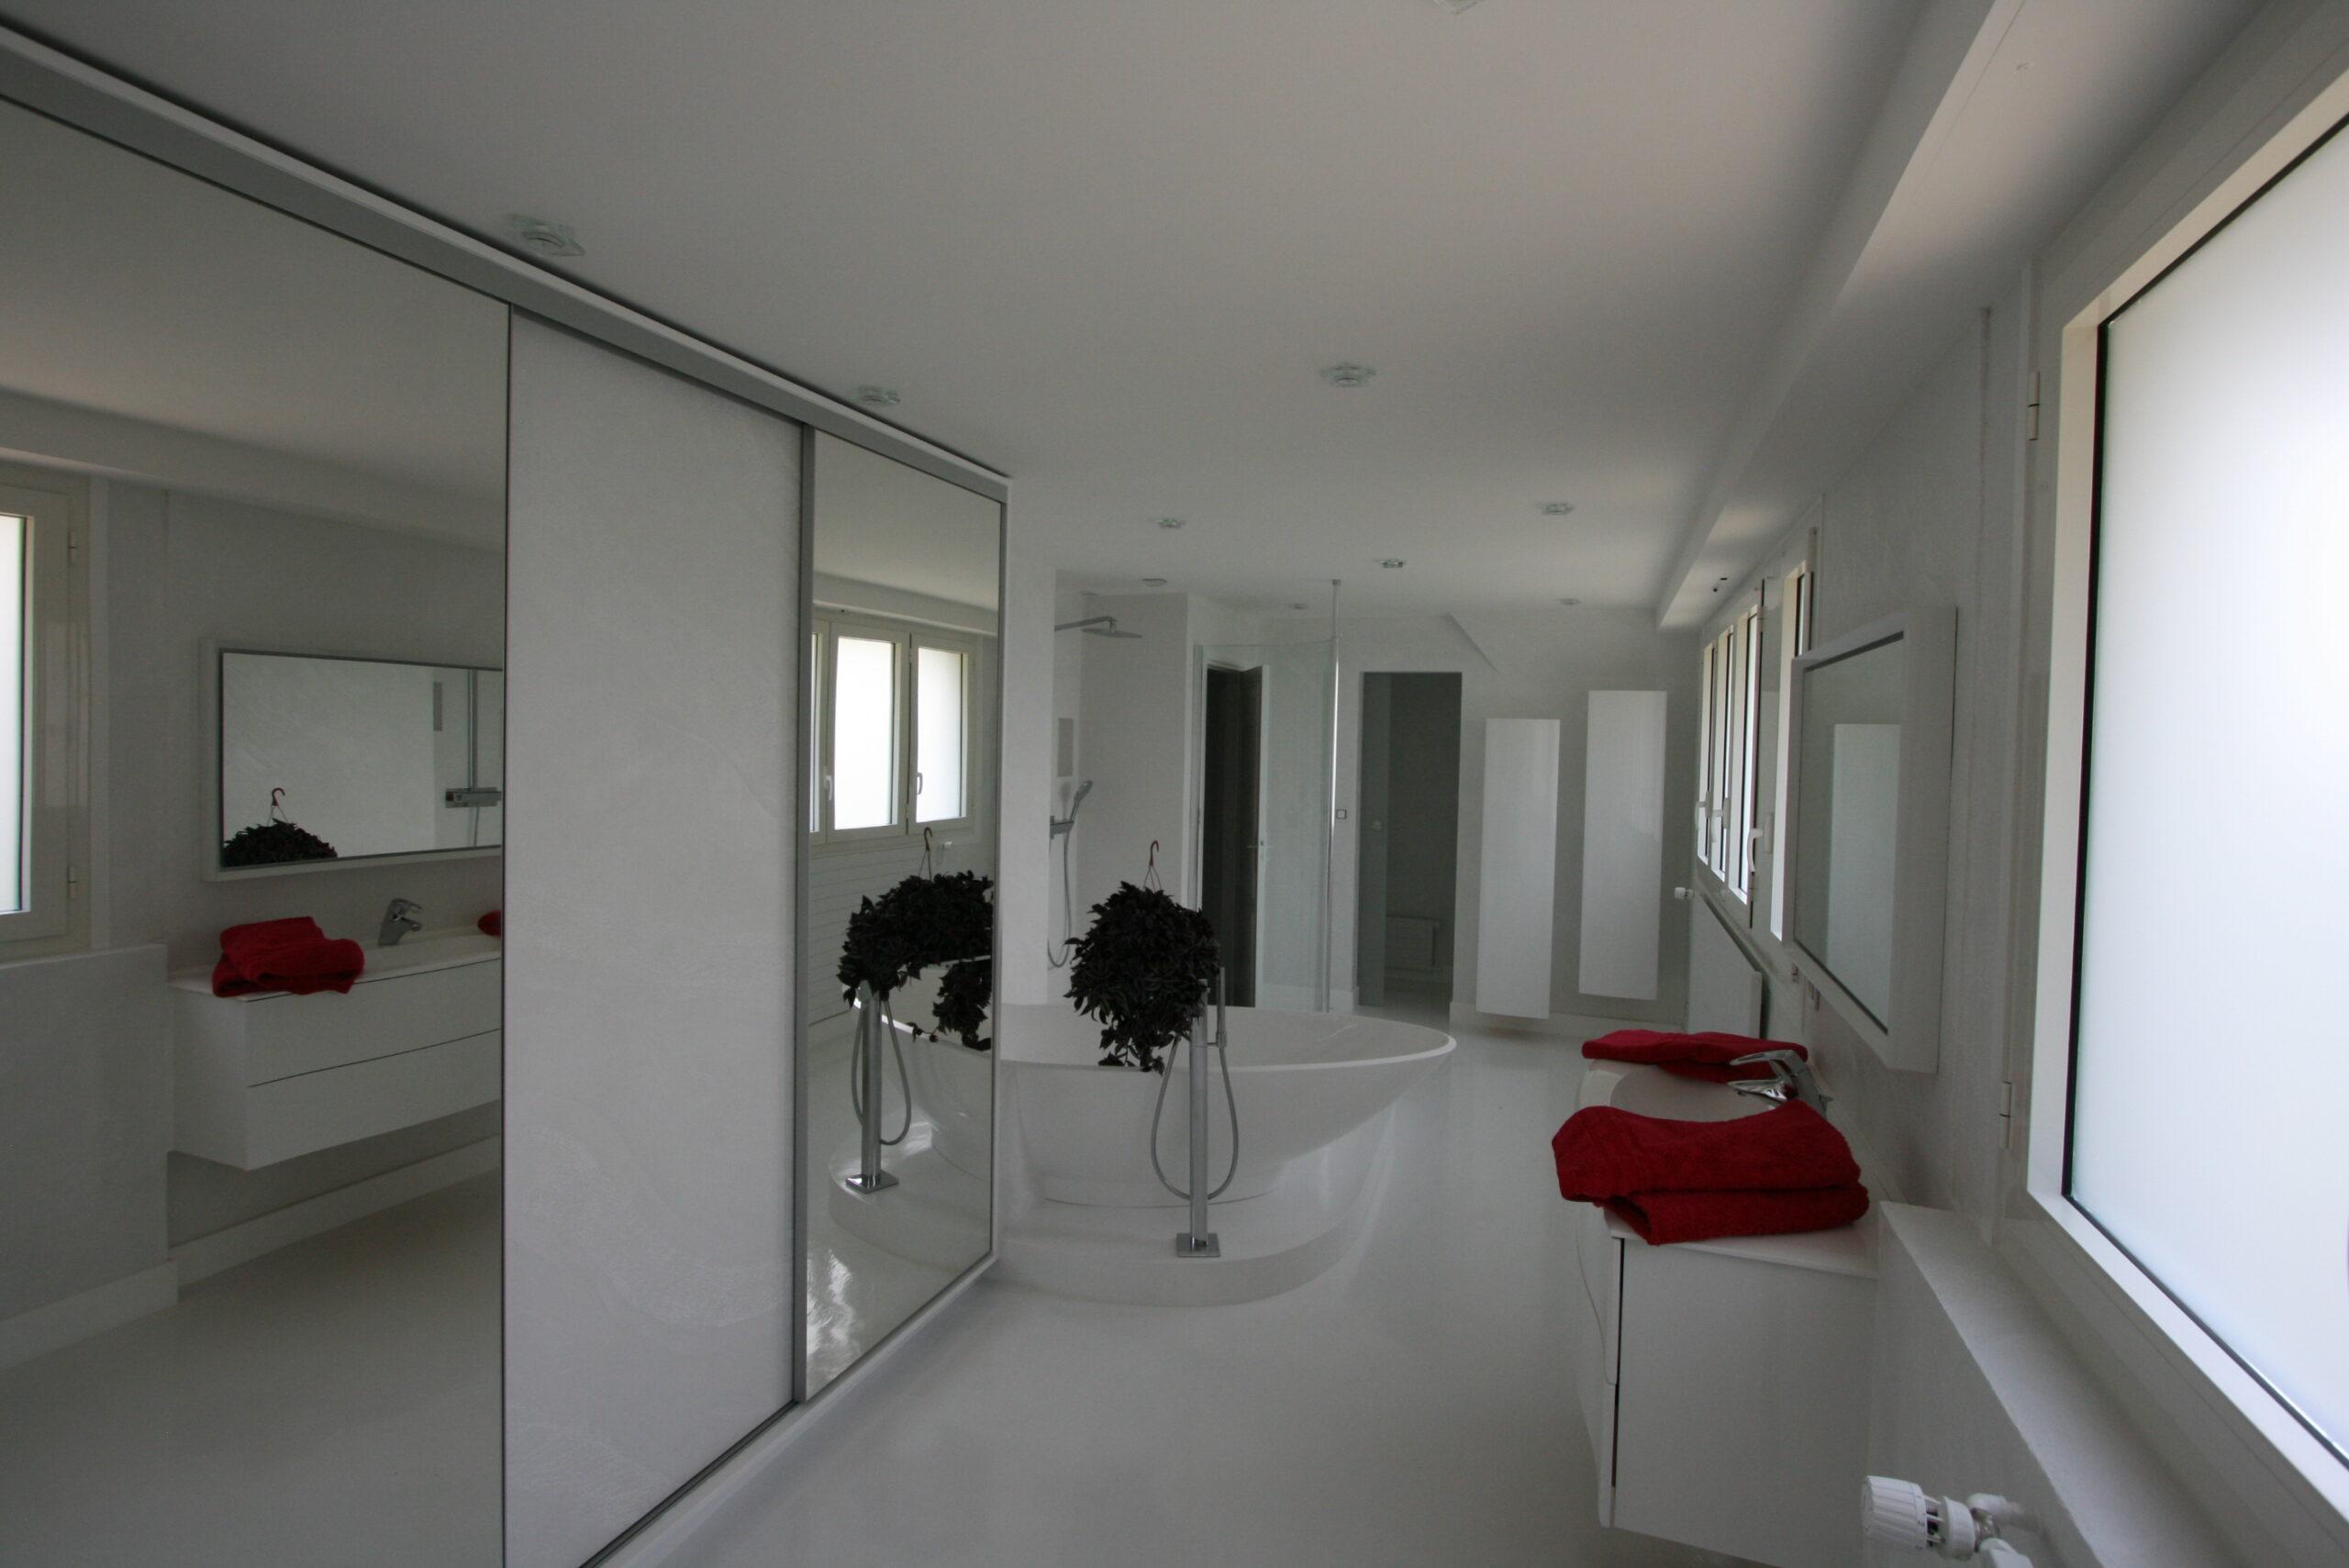 suite-parentale-dressins-placard-baignoire-ilot-blanc-beton-cire